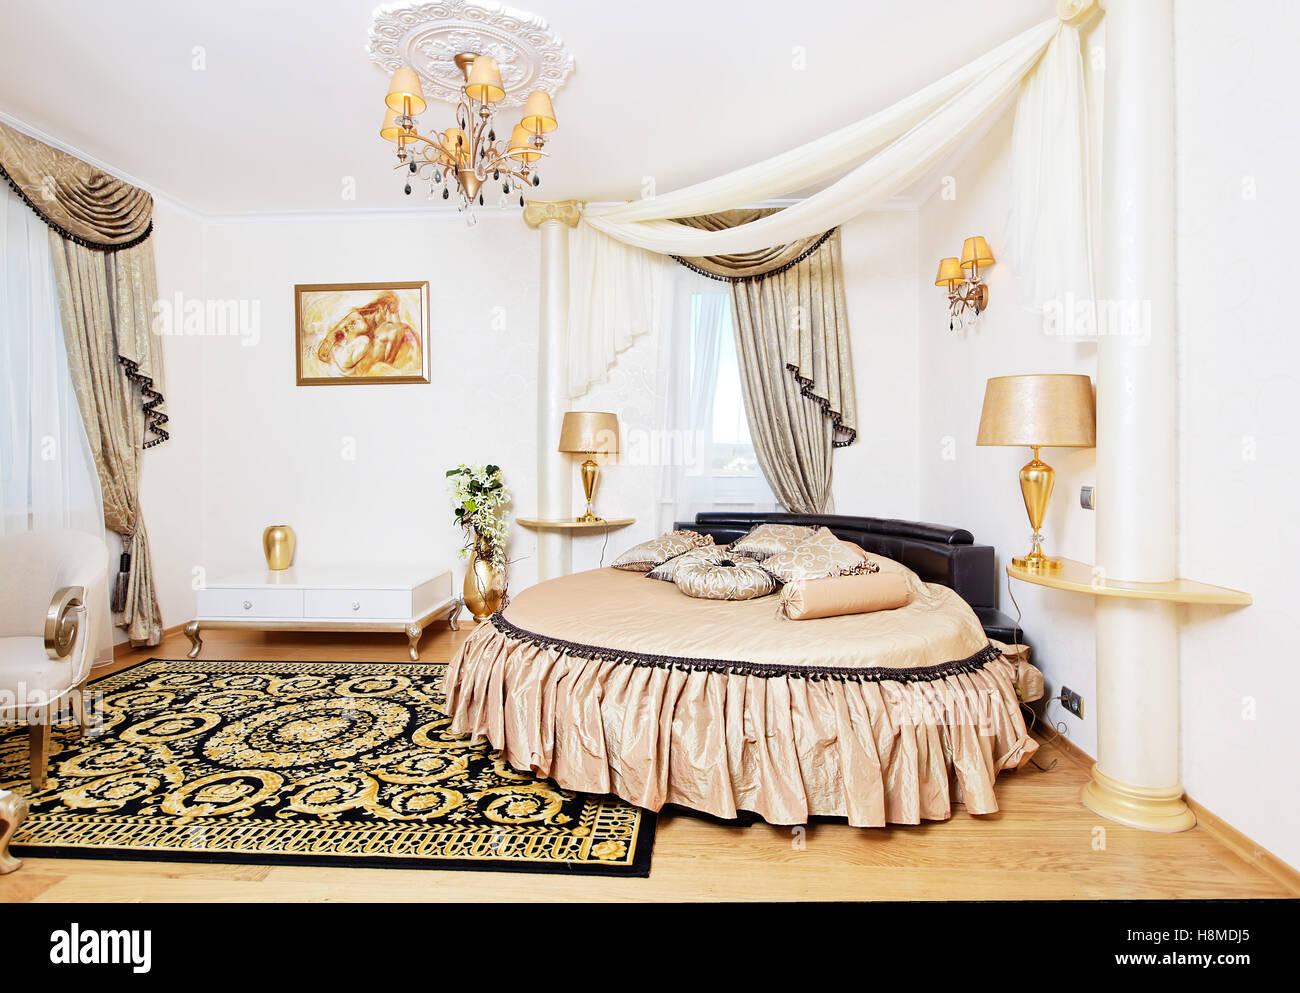 Golden peste interiore camera da letto con letto rotondo e ...